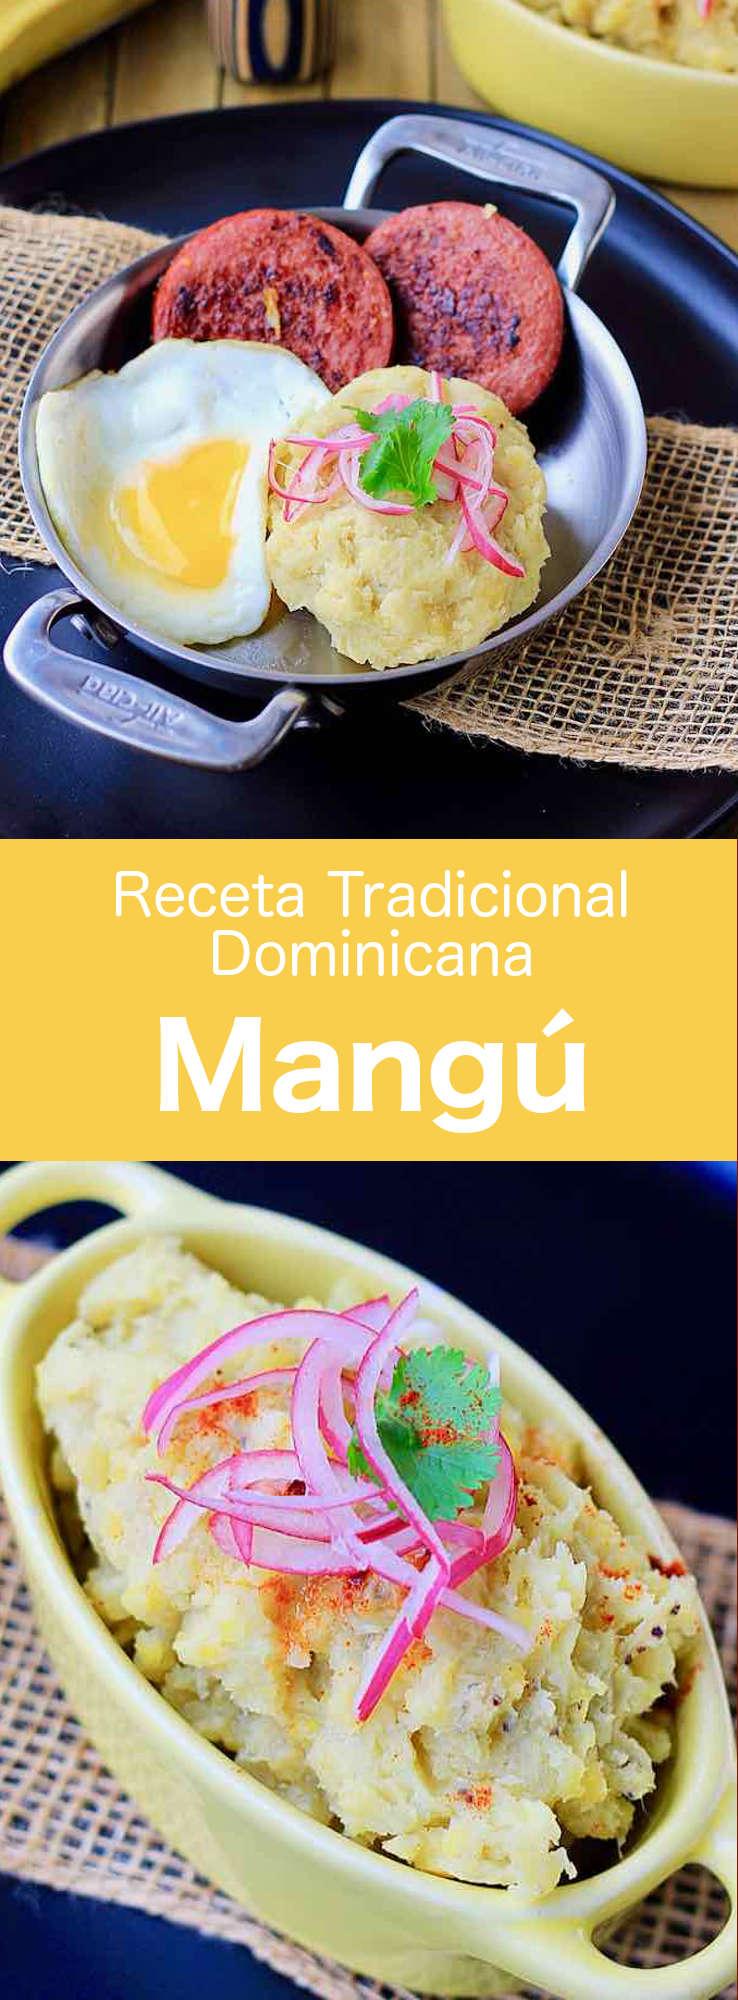 El mangú es un delicioso plato de puré de plátanos. Es un plato tradicional de la República Dominicana que se come a menudo para el desayuno. #RebublicaDominicana #RecetaDominicana #196flavors